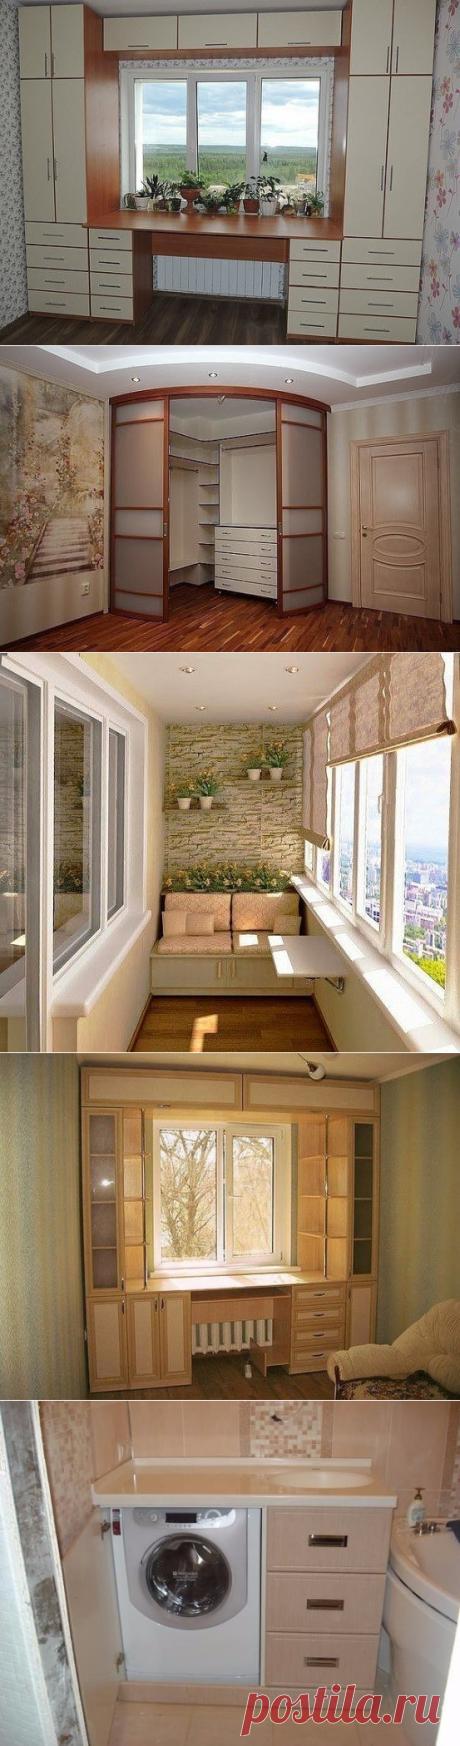 Las ideas geniales de diseñador, que harán su casa único